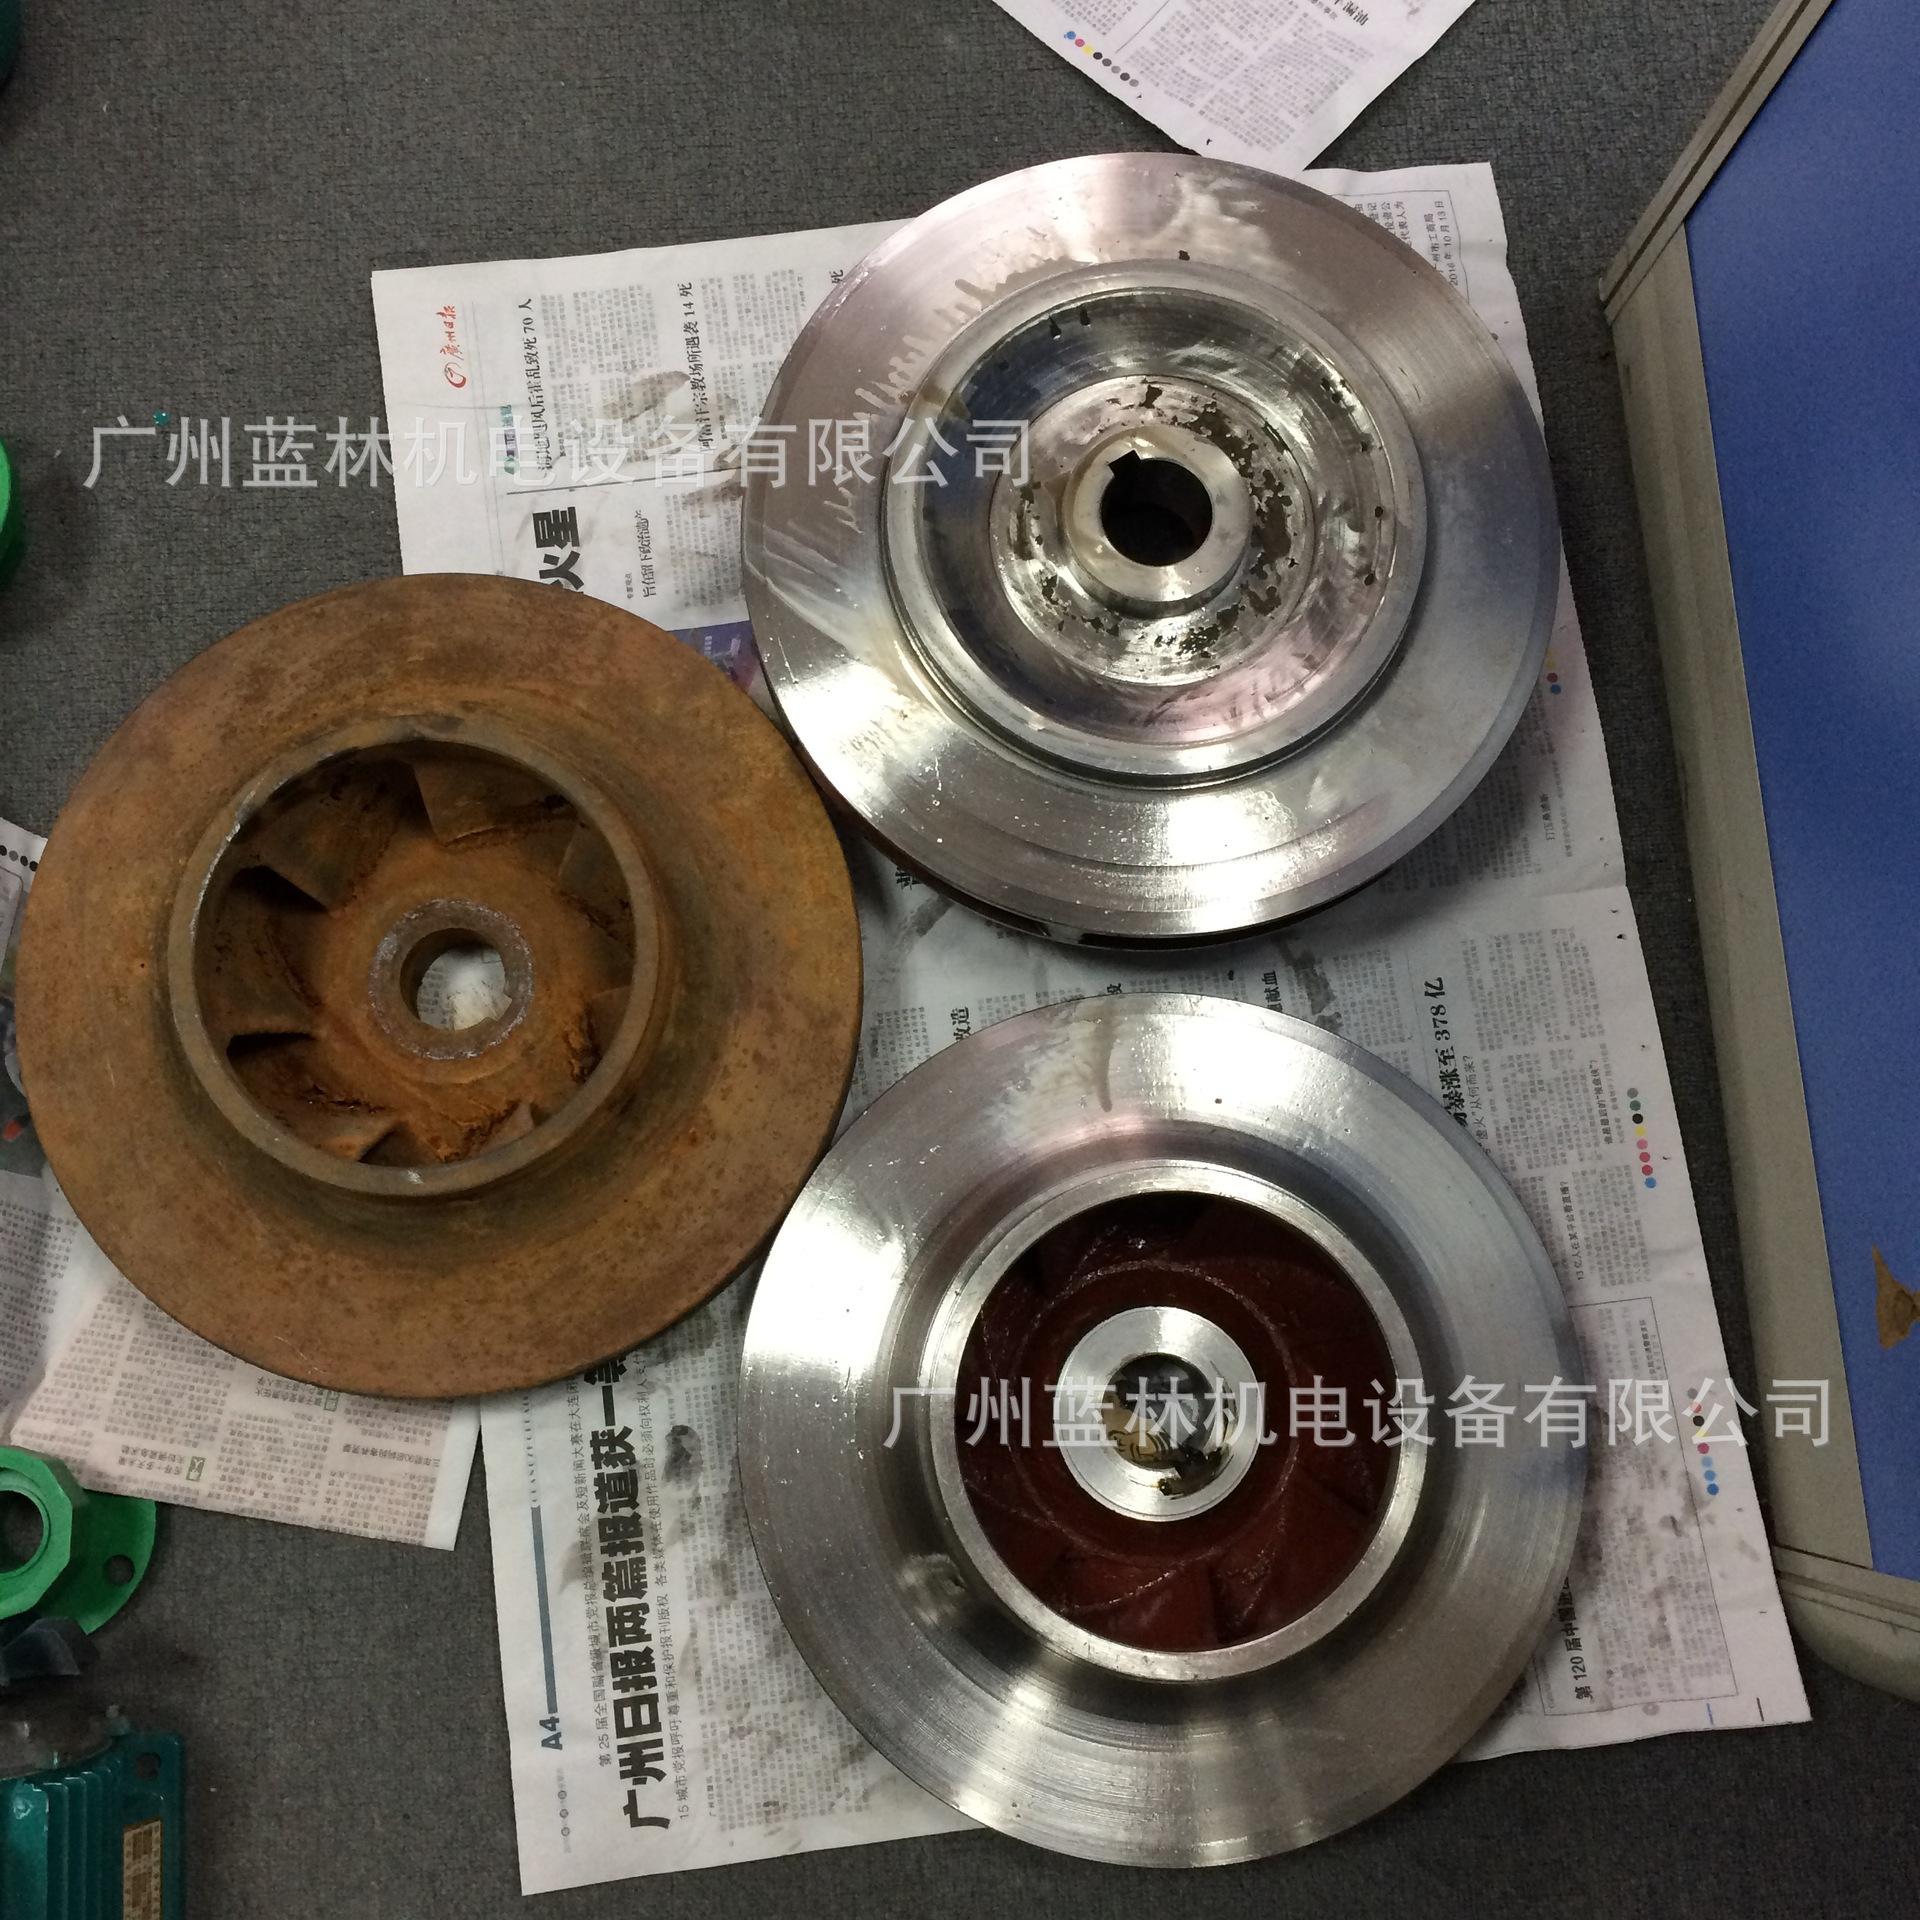 广一水泵配件供应 管道泵配件 离心泵配件 GD GDD管道泵叶轮